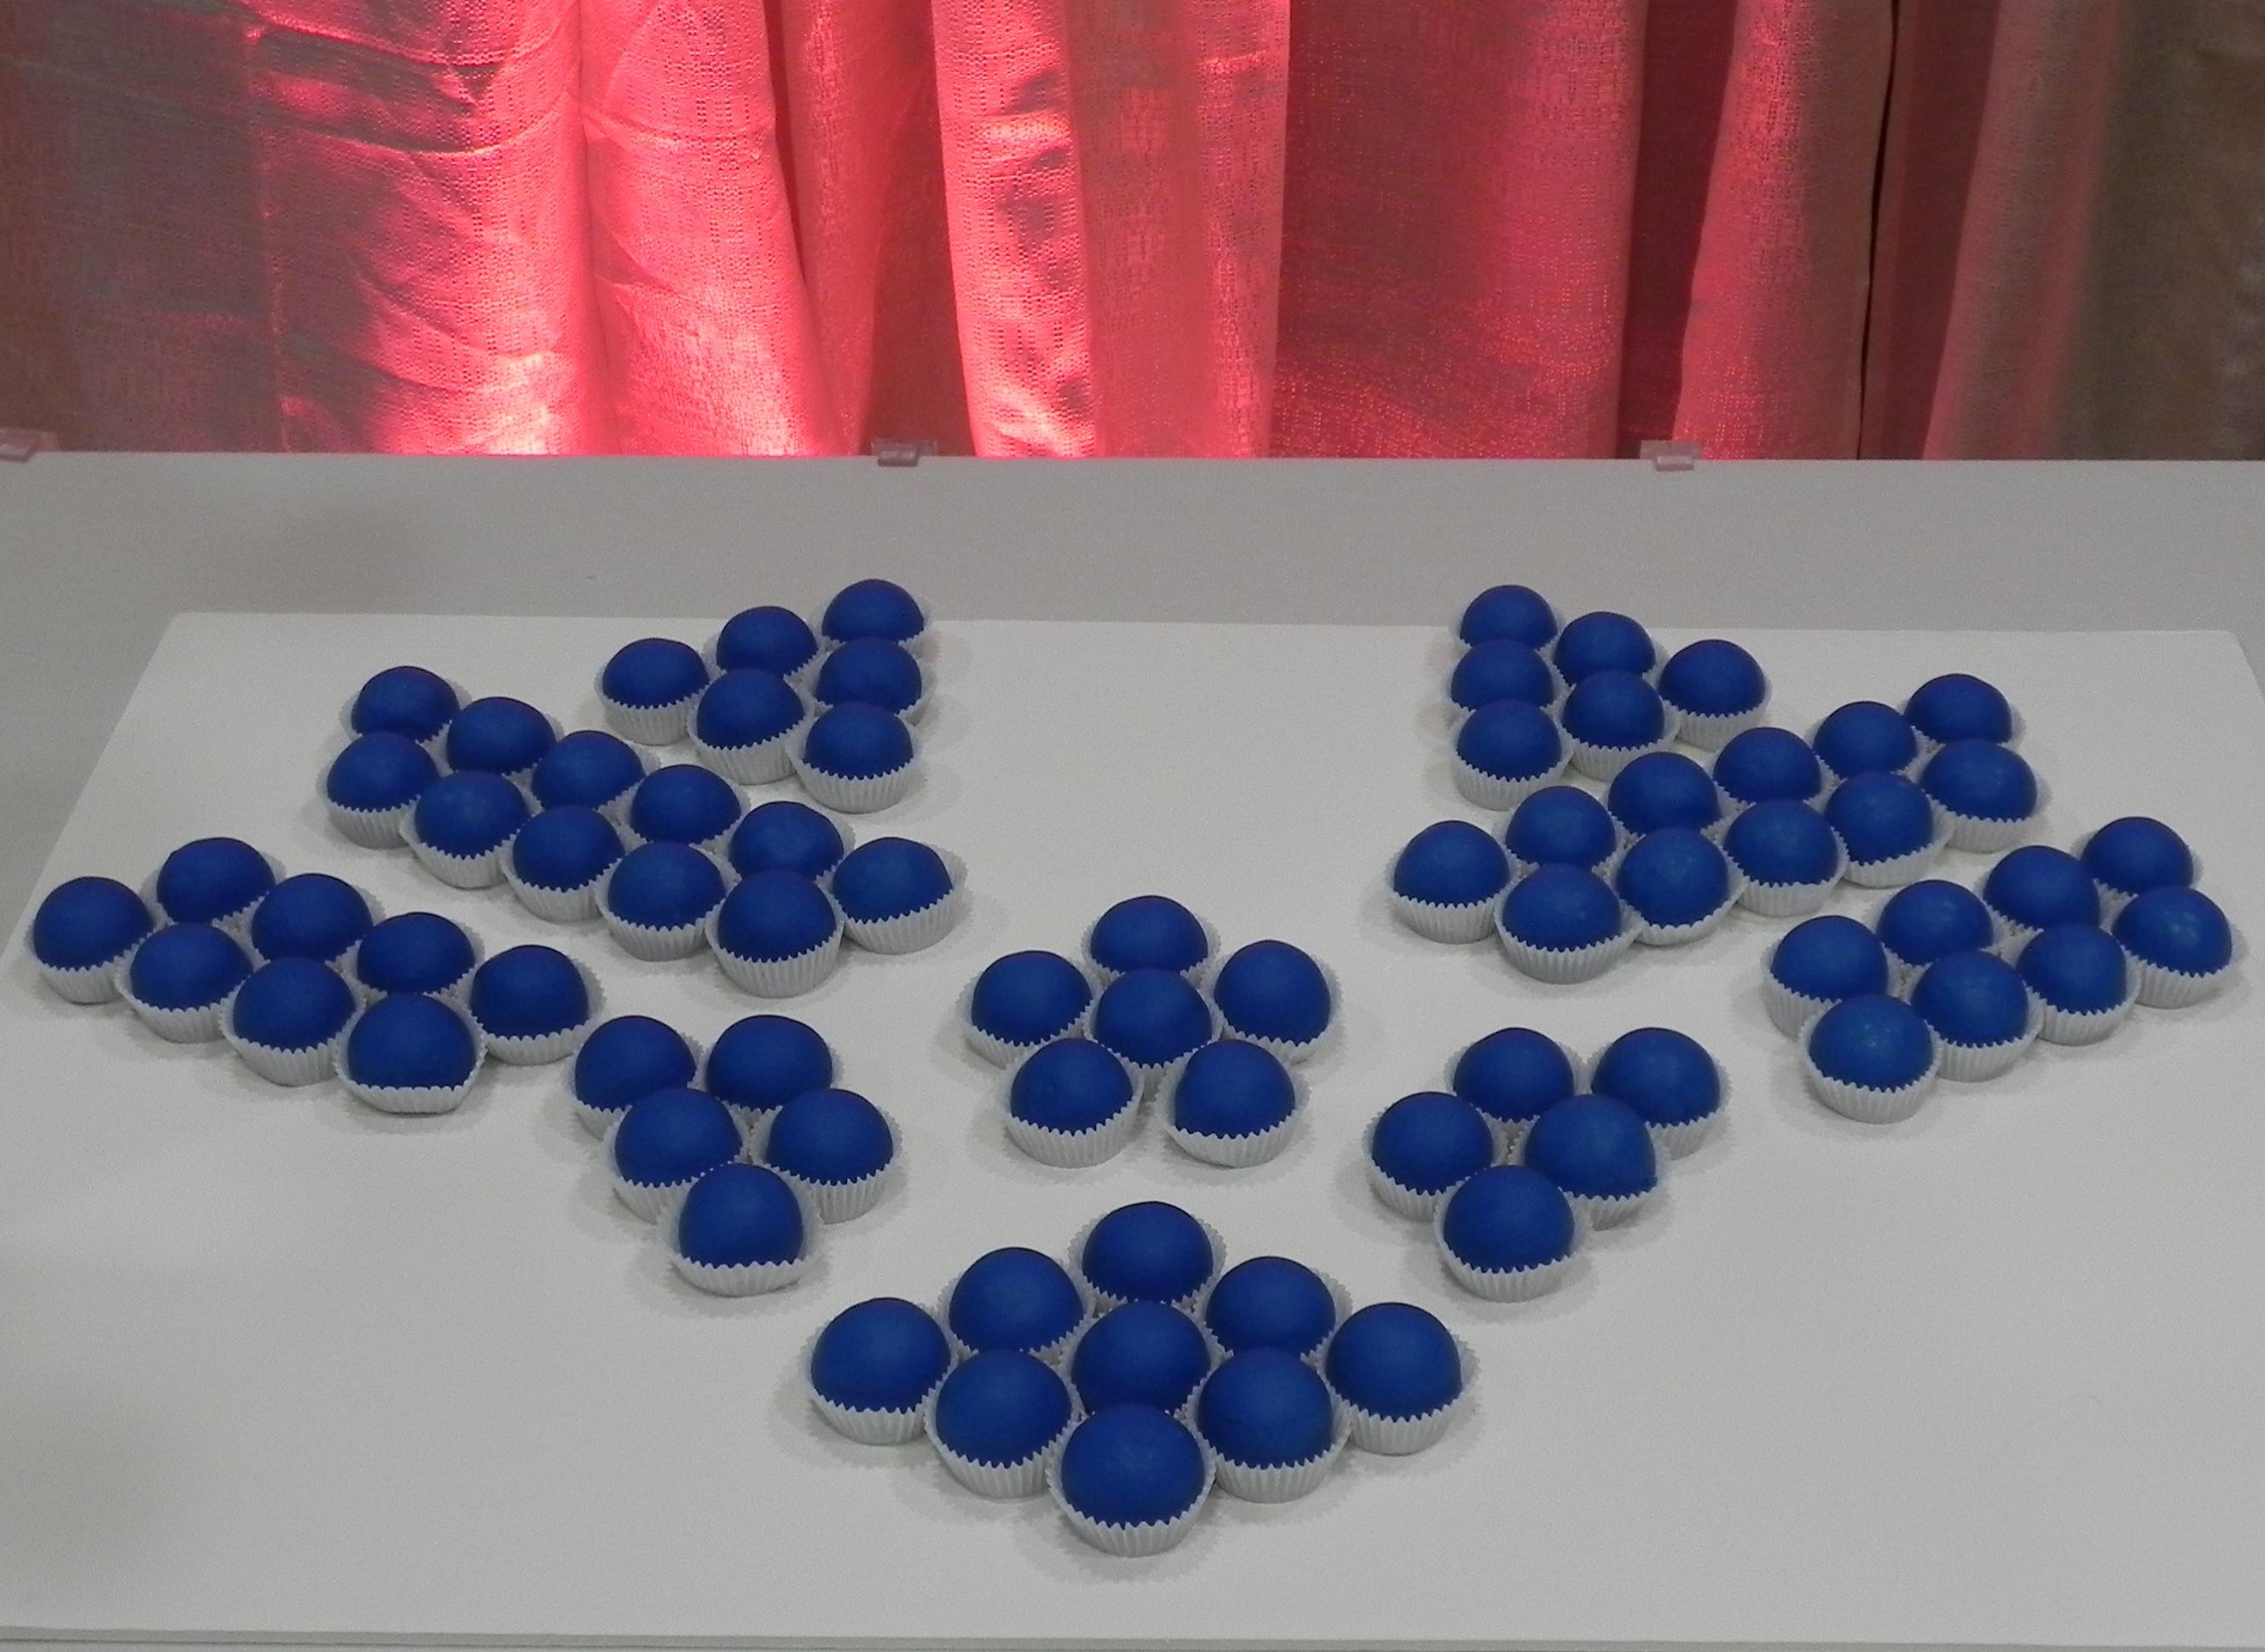 air-force-cake-balls-shape-cake.jpg